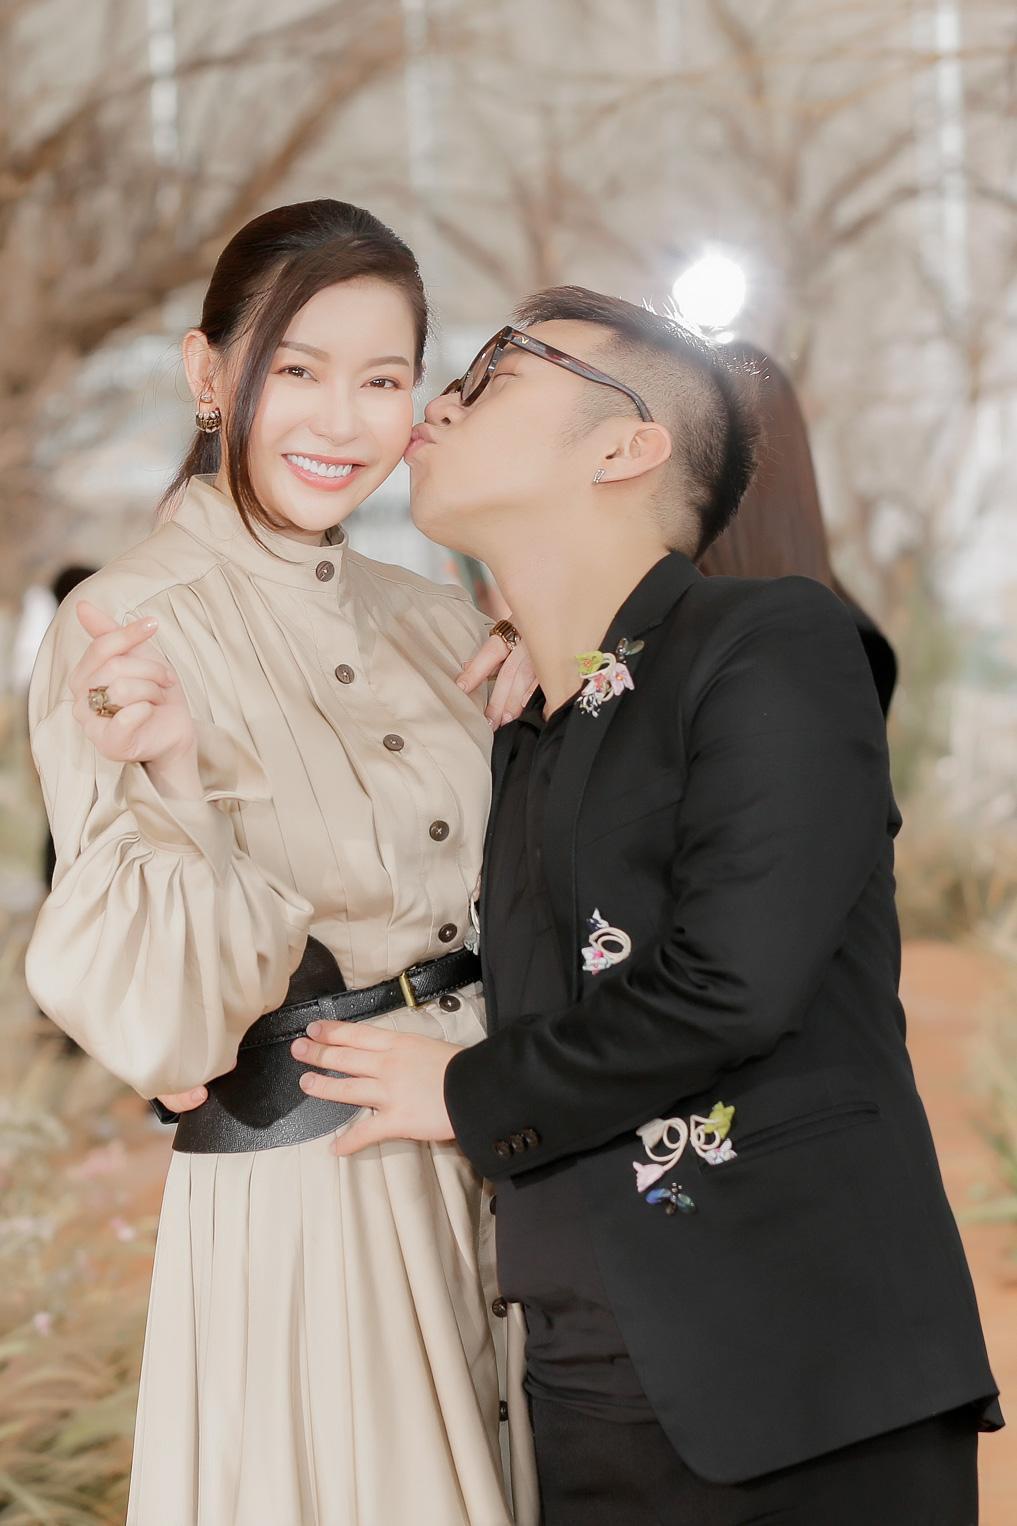 Hoa hậu Hải Dương được mỹ nam Minh Trung - Võ Cảnh tháp tùng, mua hơn nửa BST mới khi dự show của Chung Thanh Phong - Ảnh 5.